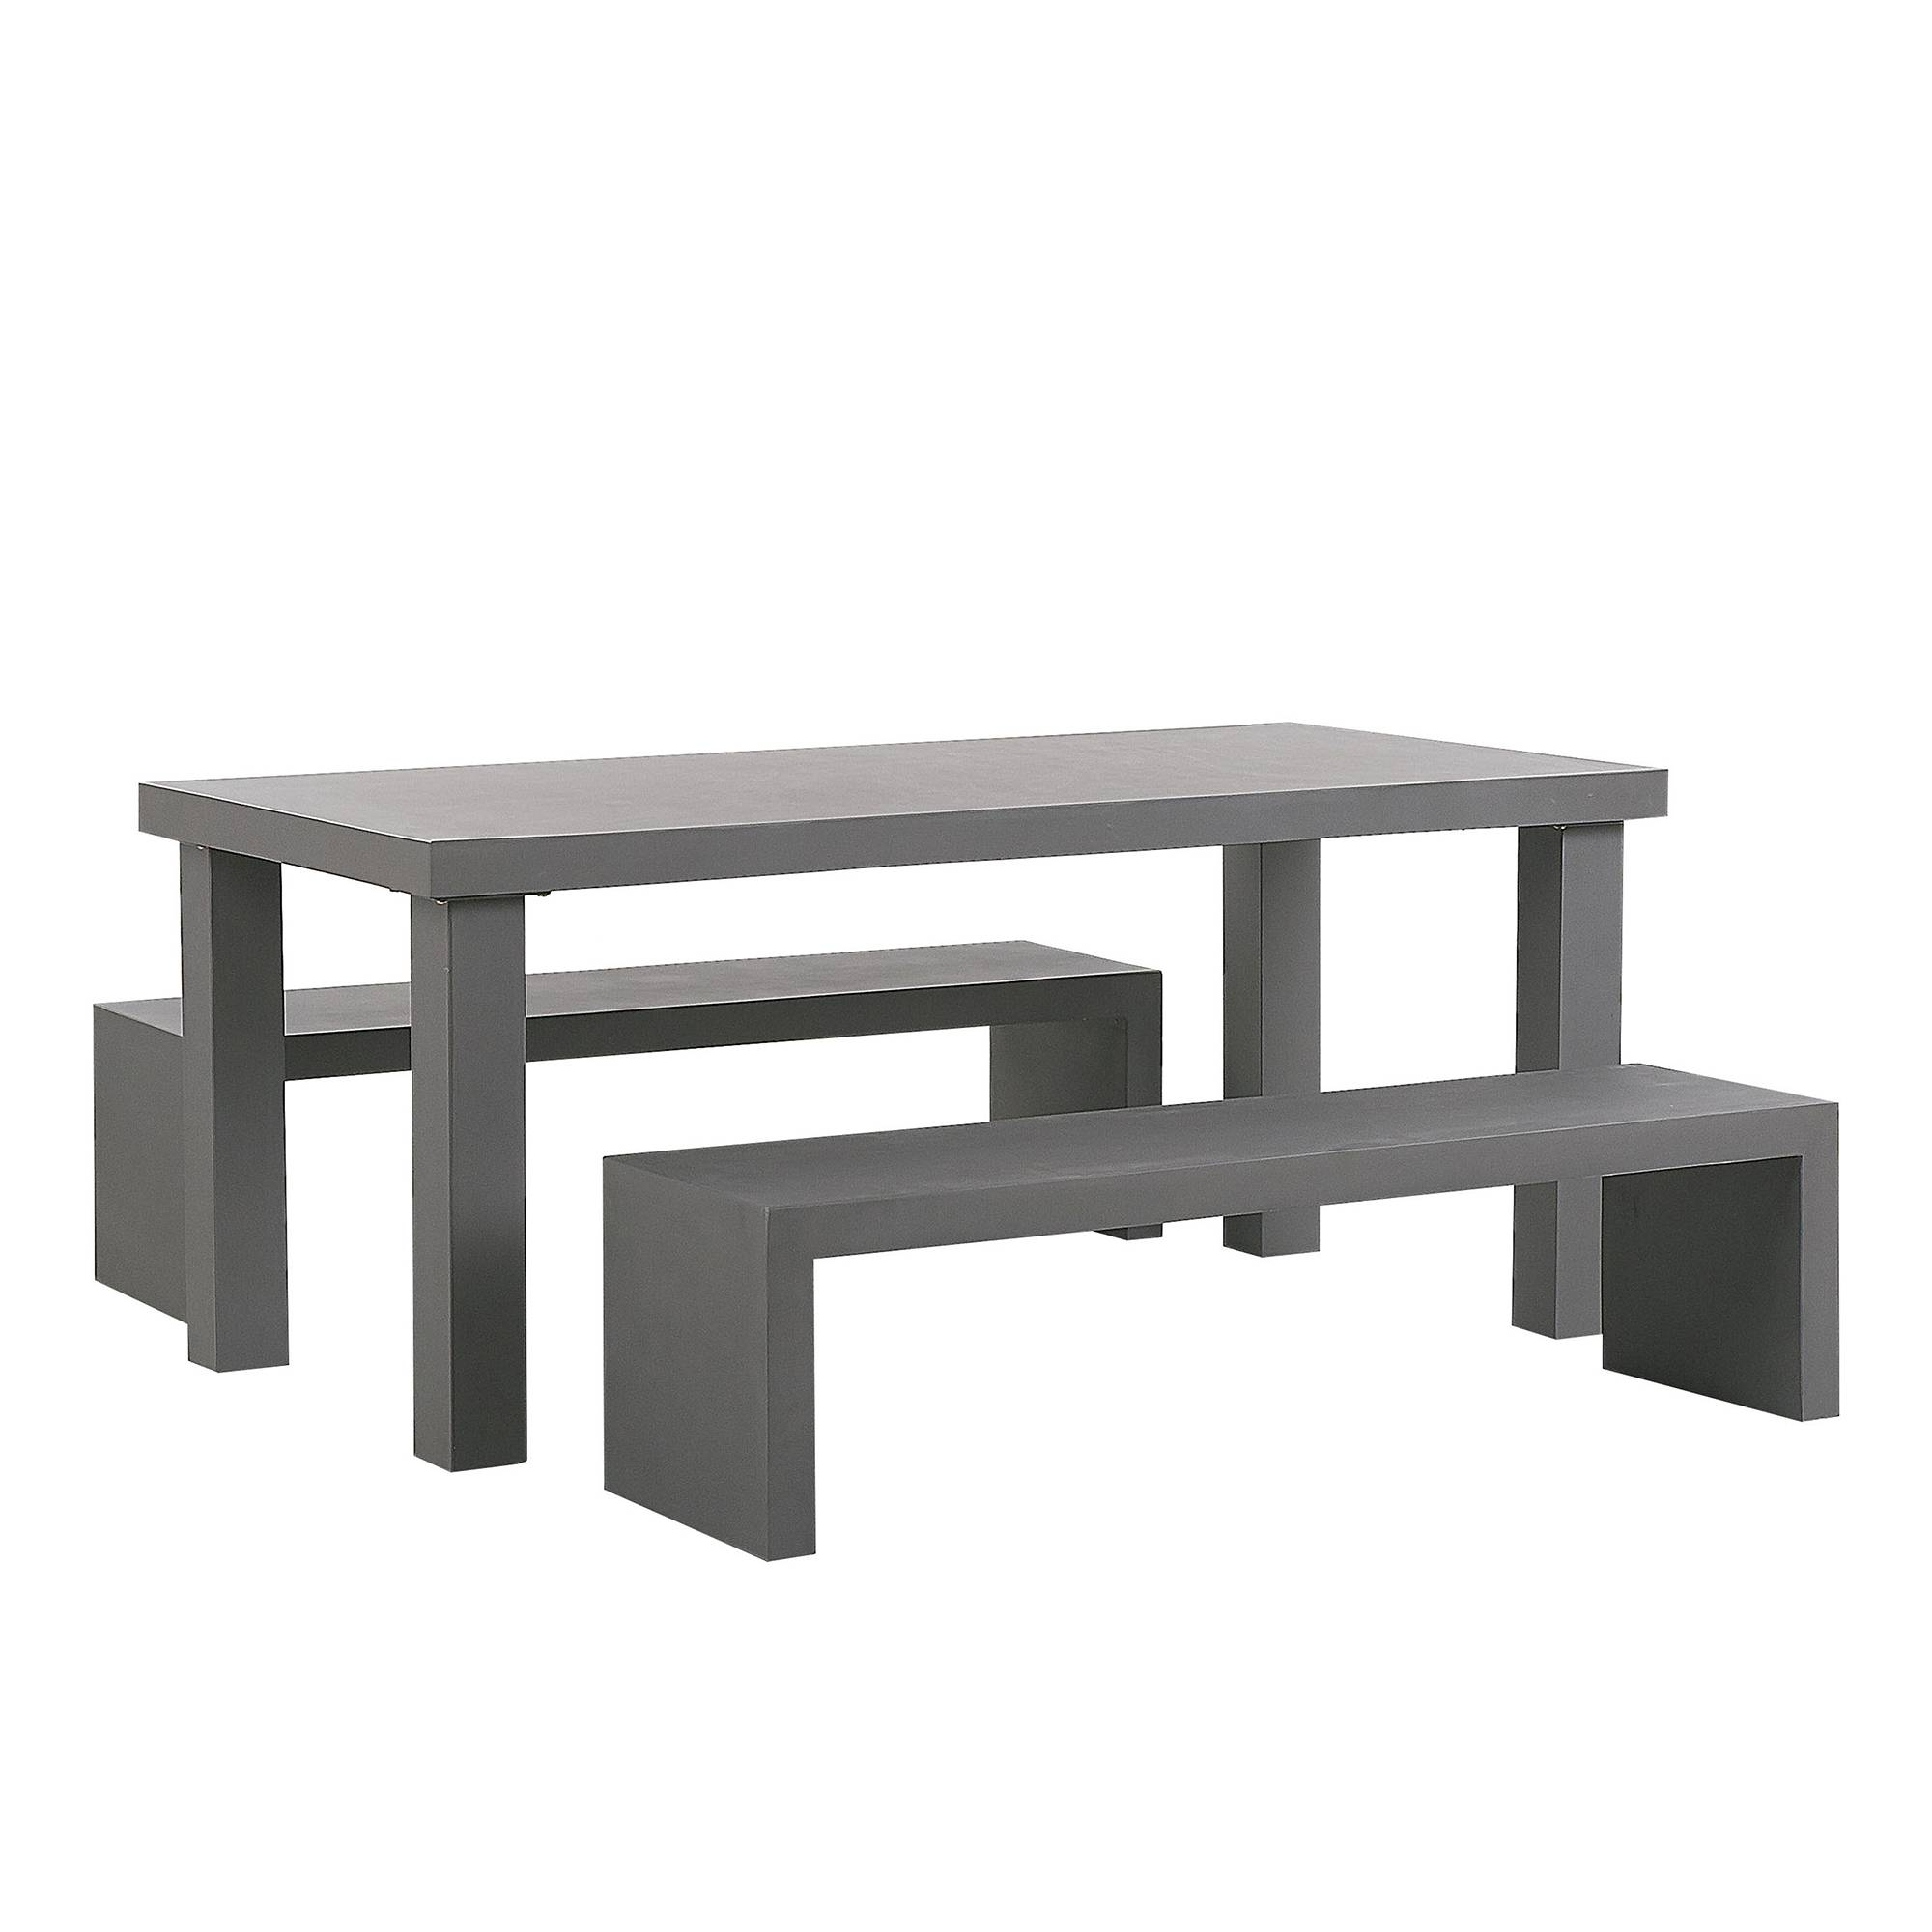 Beliani 3 Piece Garden Outdoor Concrete Dining Set Grey Table 2 Benches Taranto